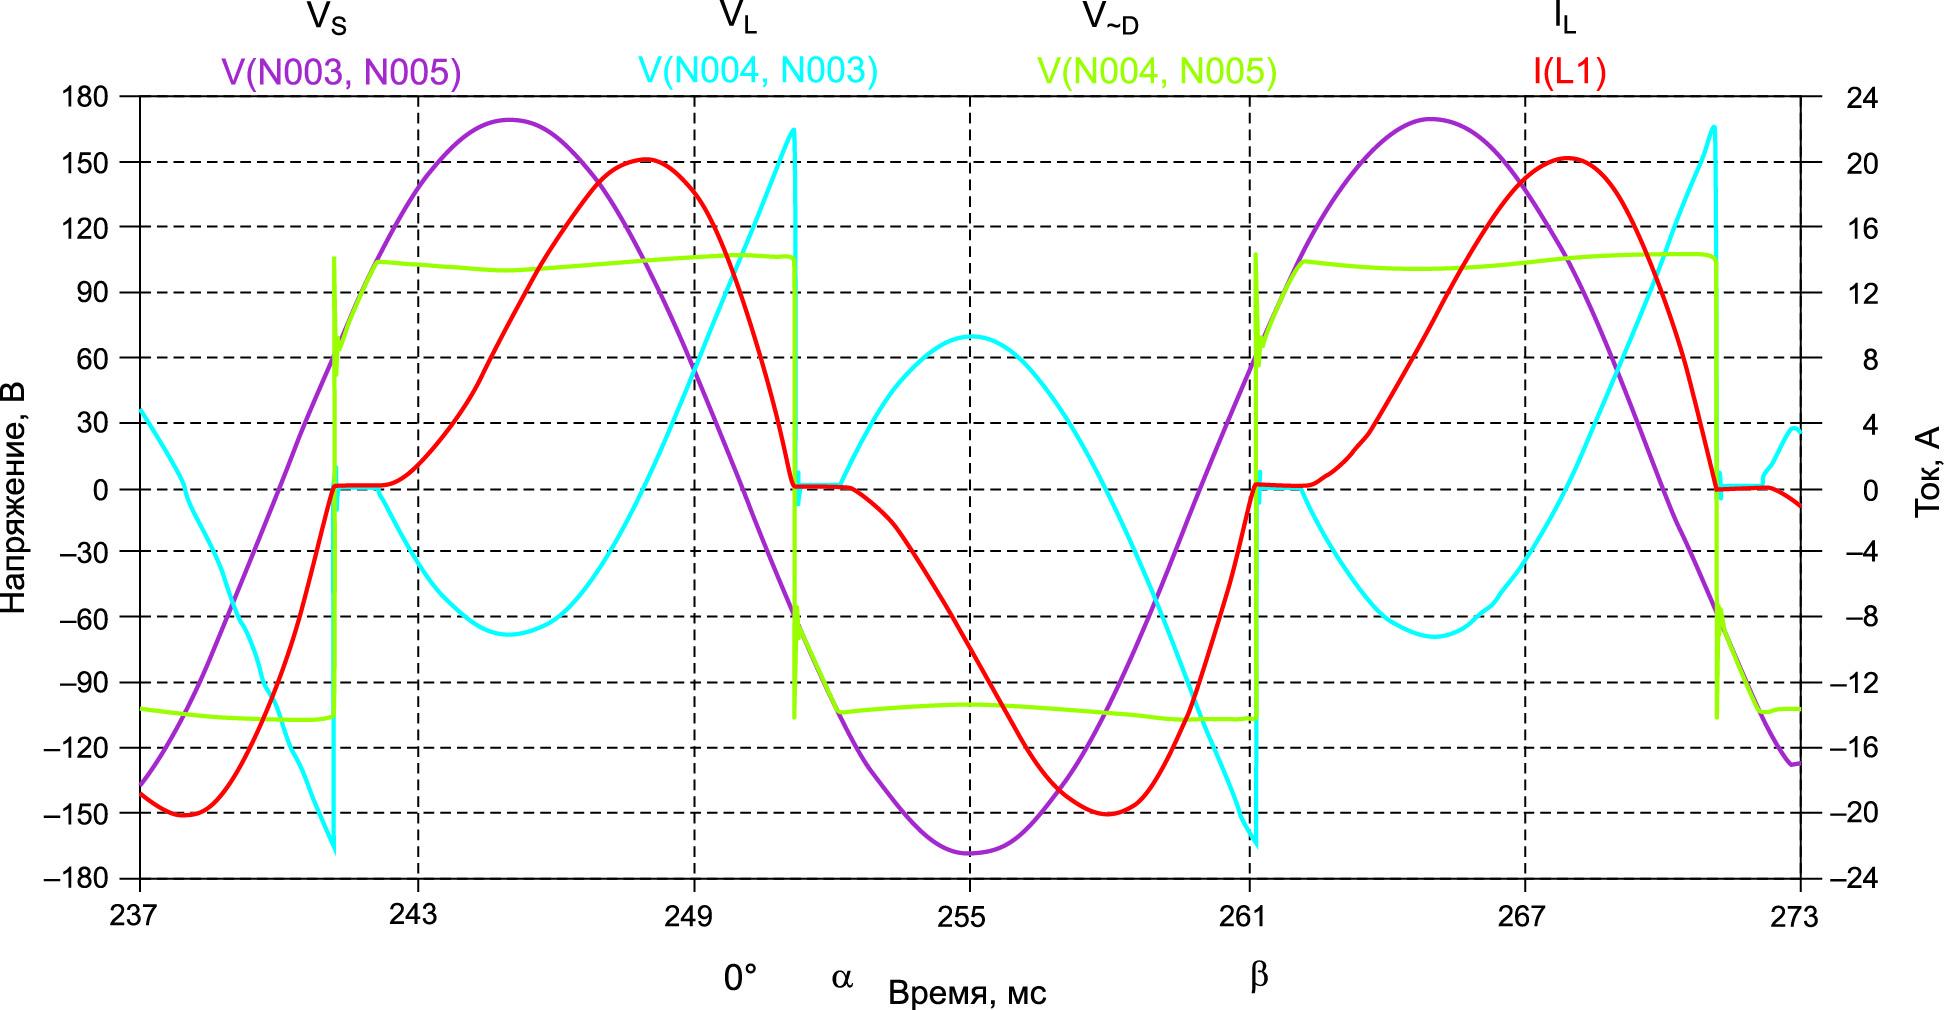 Режим прерывистого тока iL(t) через Le,  Vd / Vsm > 0,537,  a = ad > a0